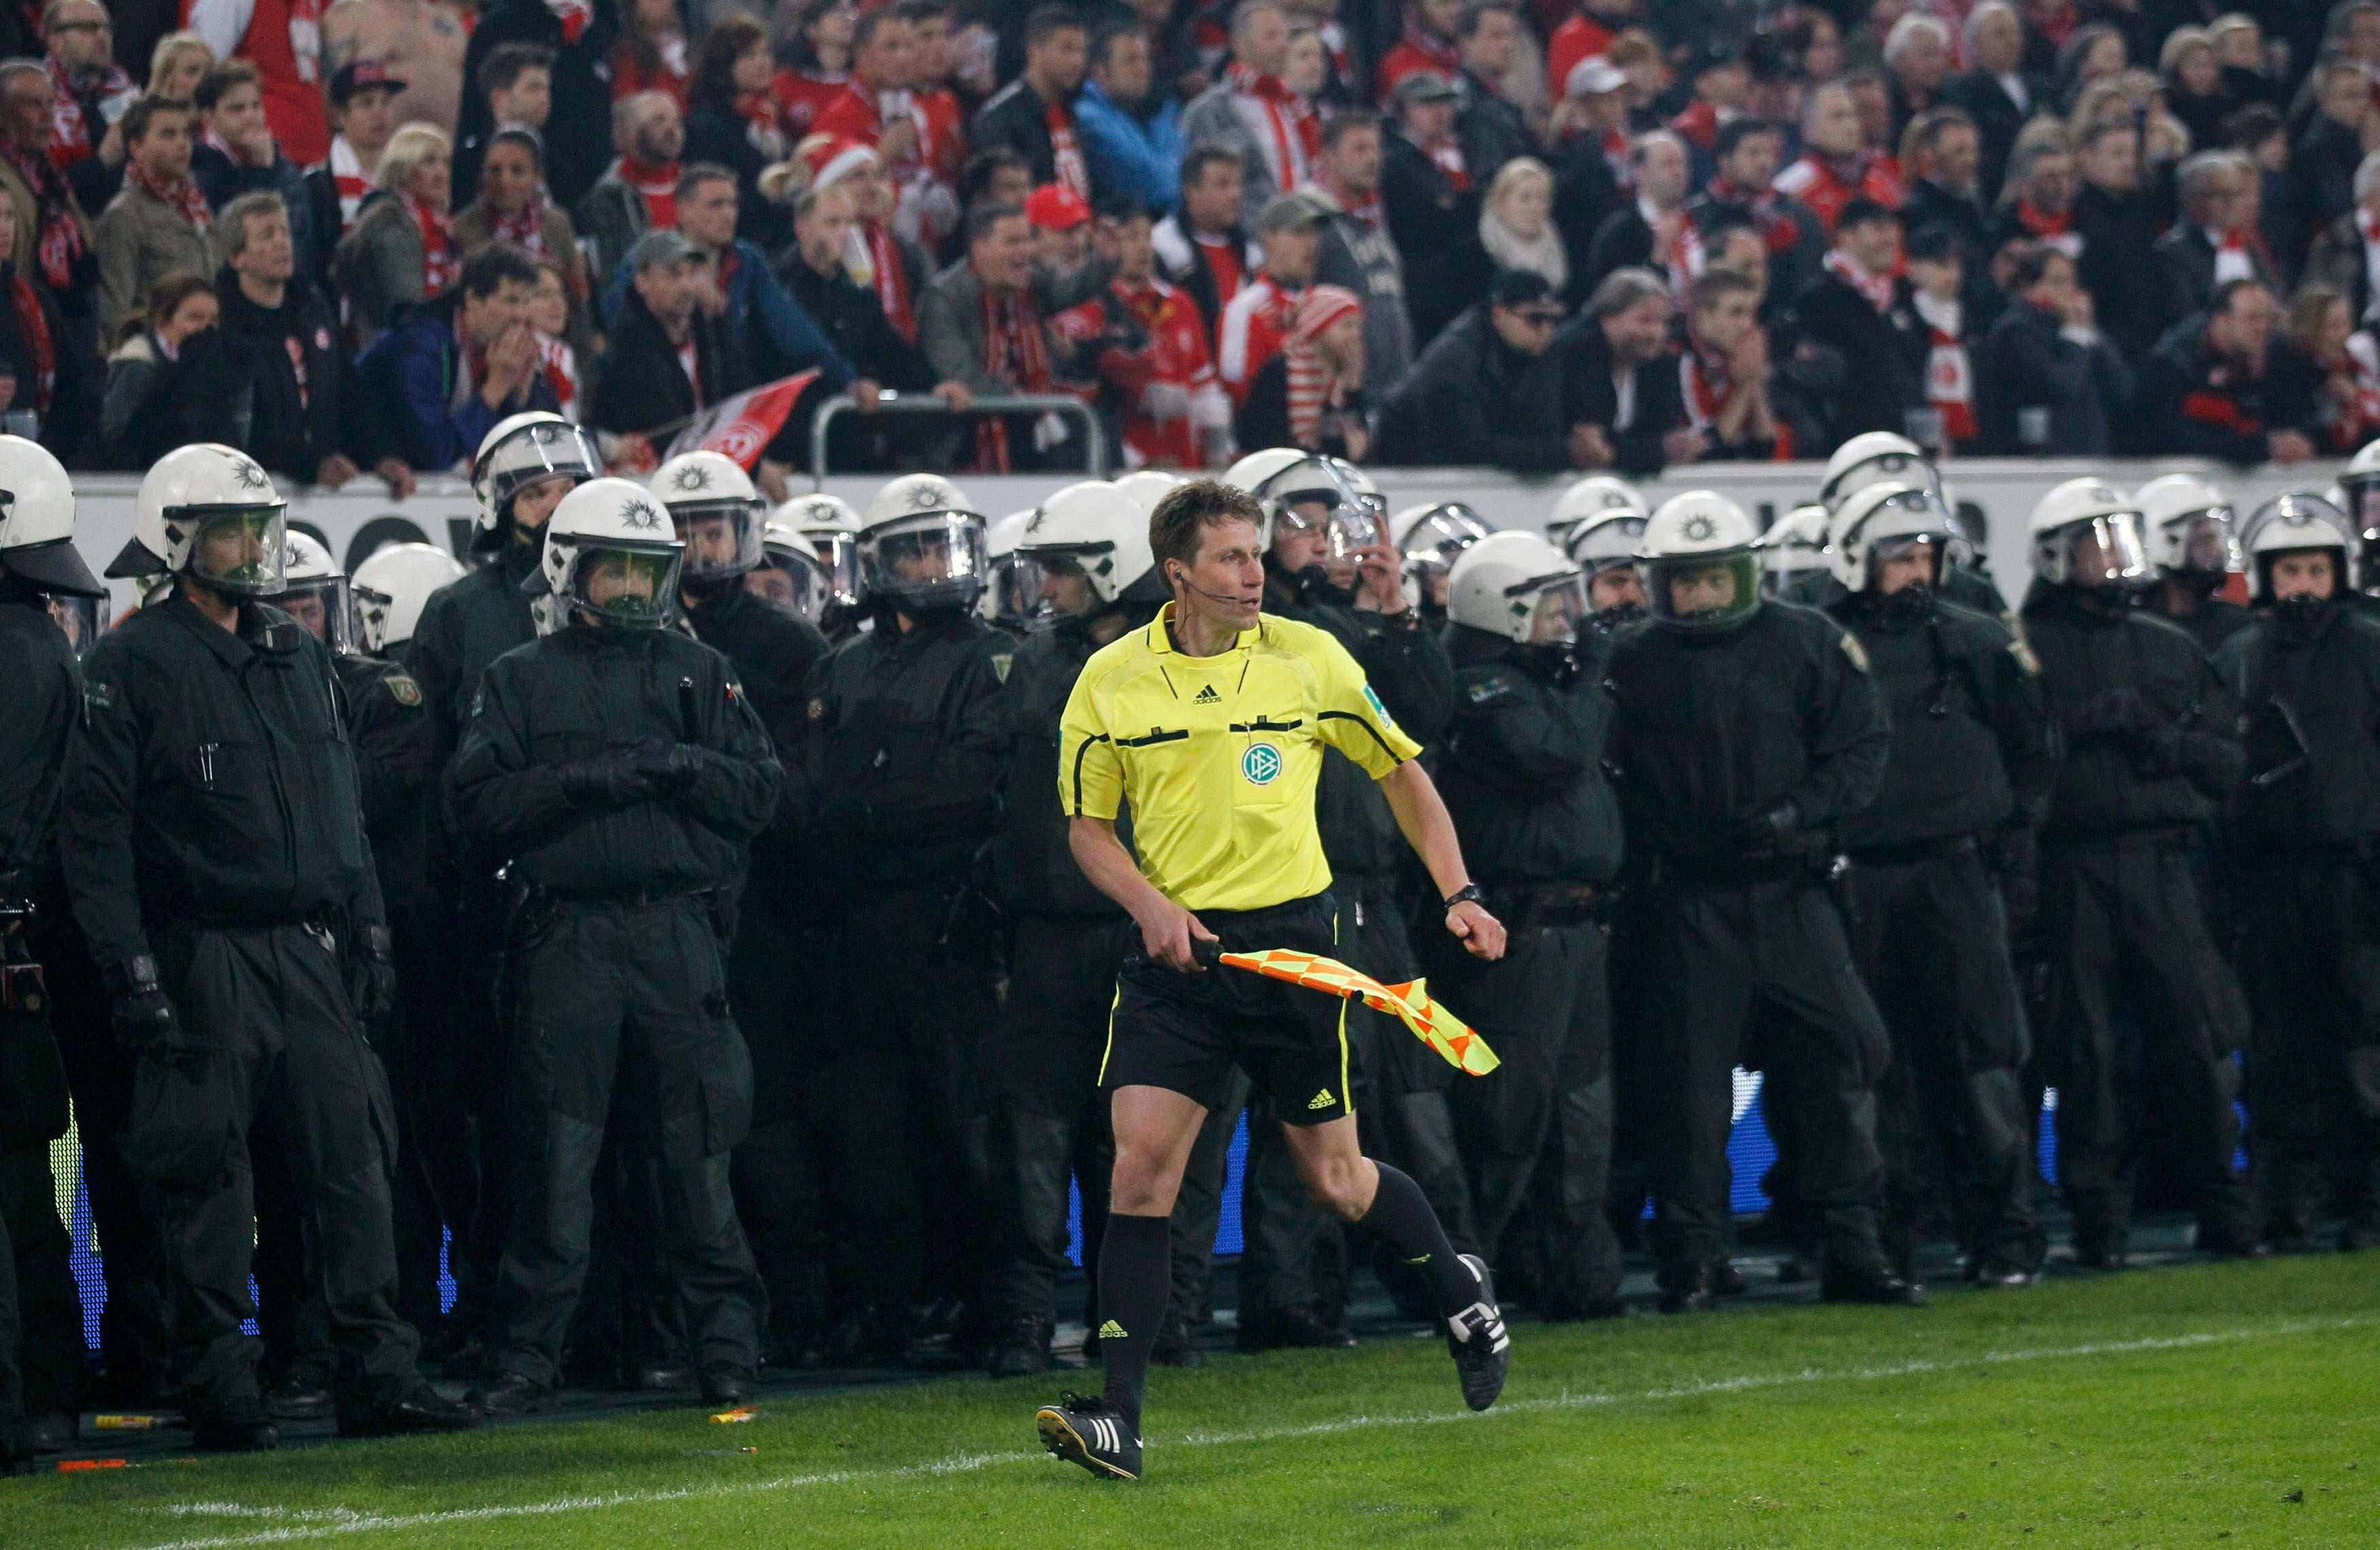 وولفونغ والتز يبدو تائها أمام رجال الأمن بمباراة فرونتا دوسلدورف وهيرتا برلين